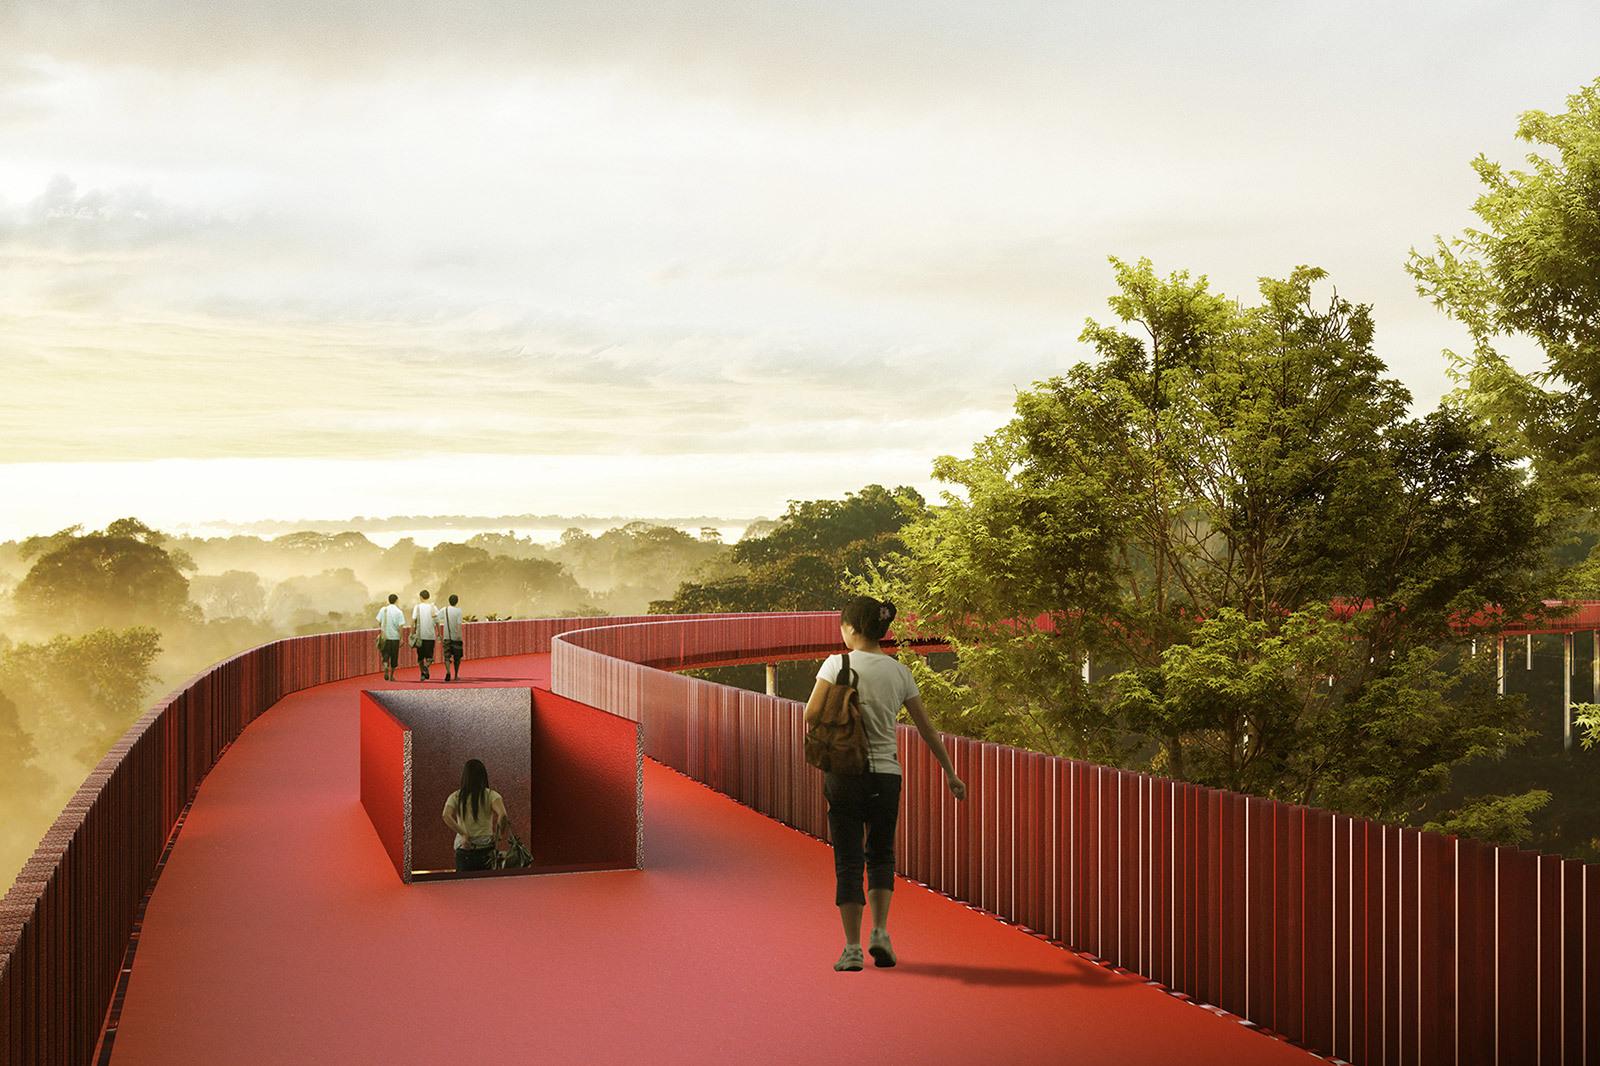 Oficina colombiana Taller diseñará parque de 600 hectáreas en China junto a LOLA y L+CC